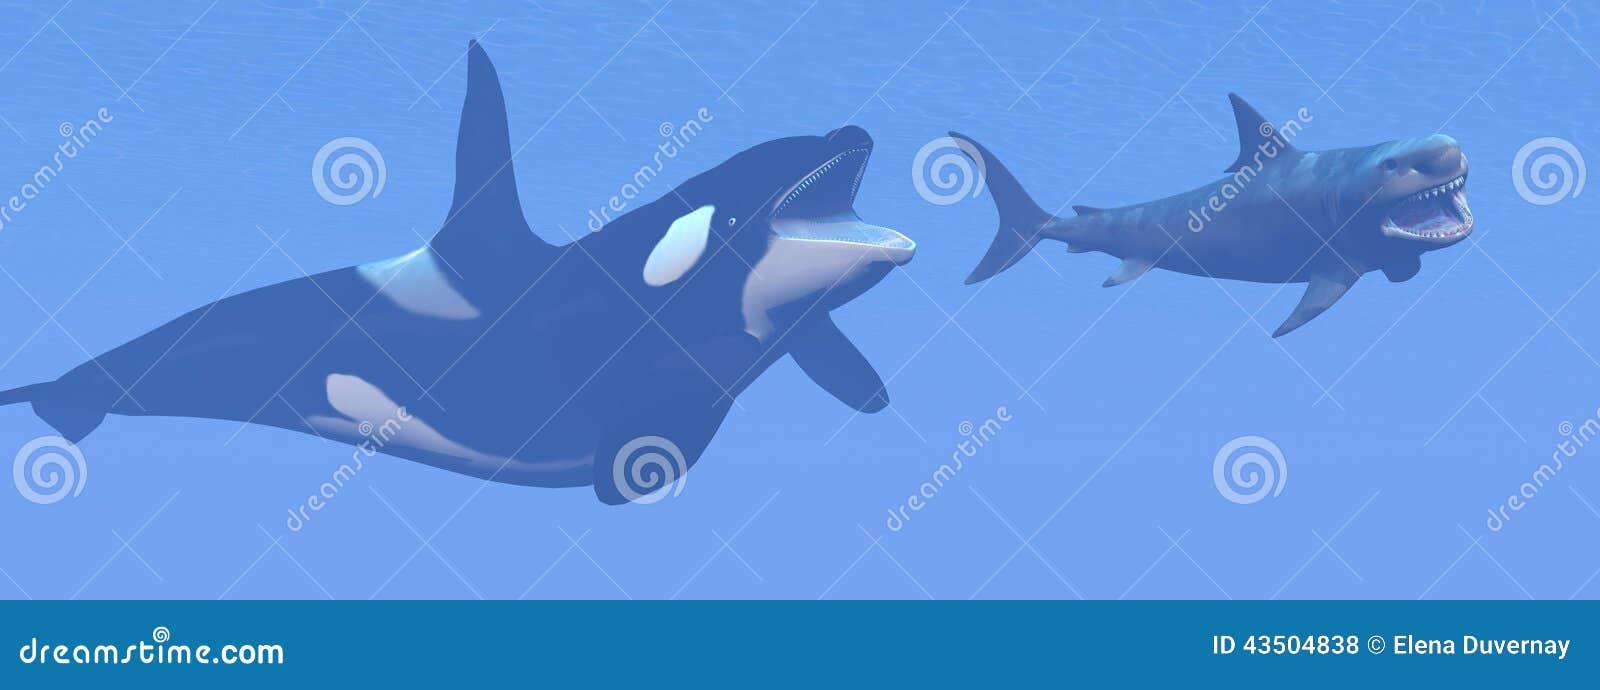 Killer Whale Attacking Small Megalodon Shark - 3D Stock